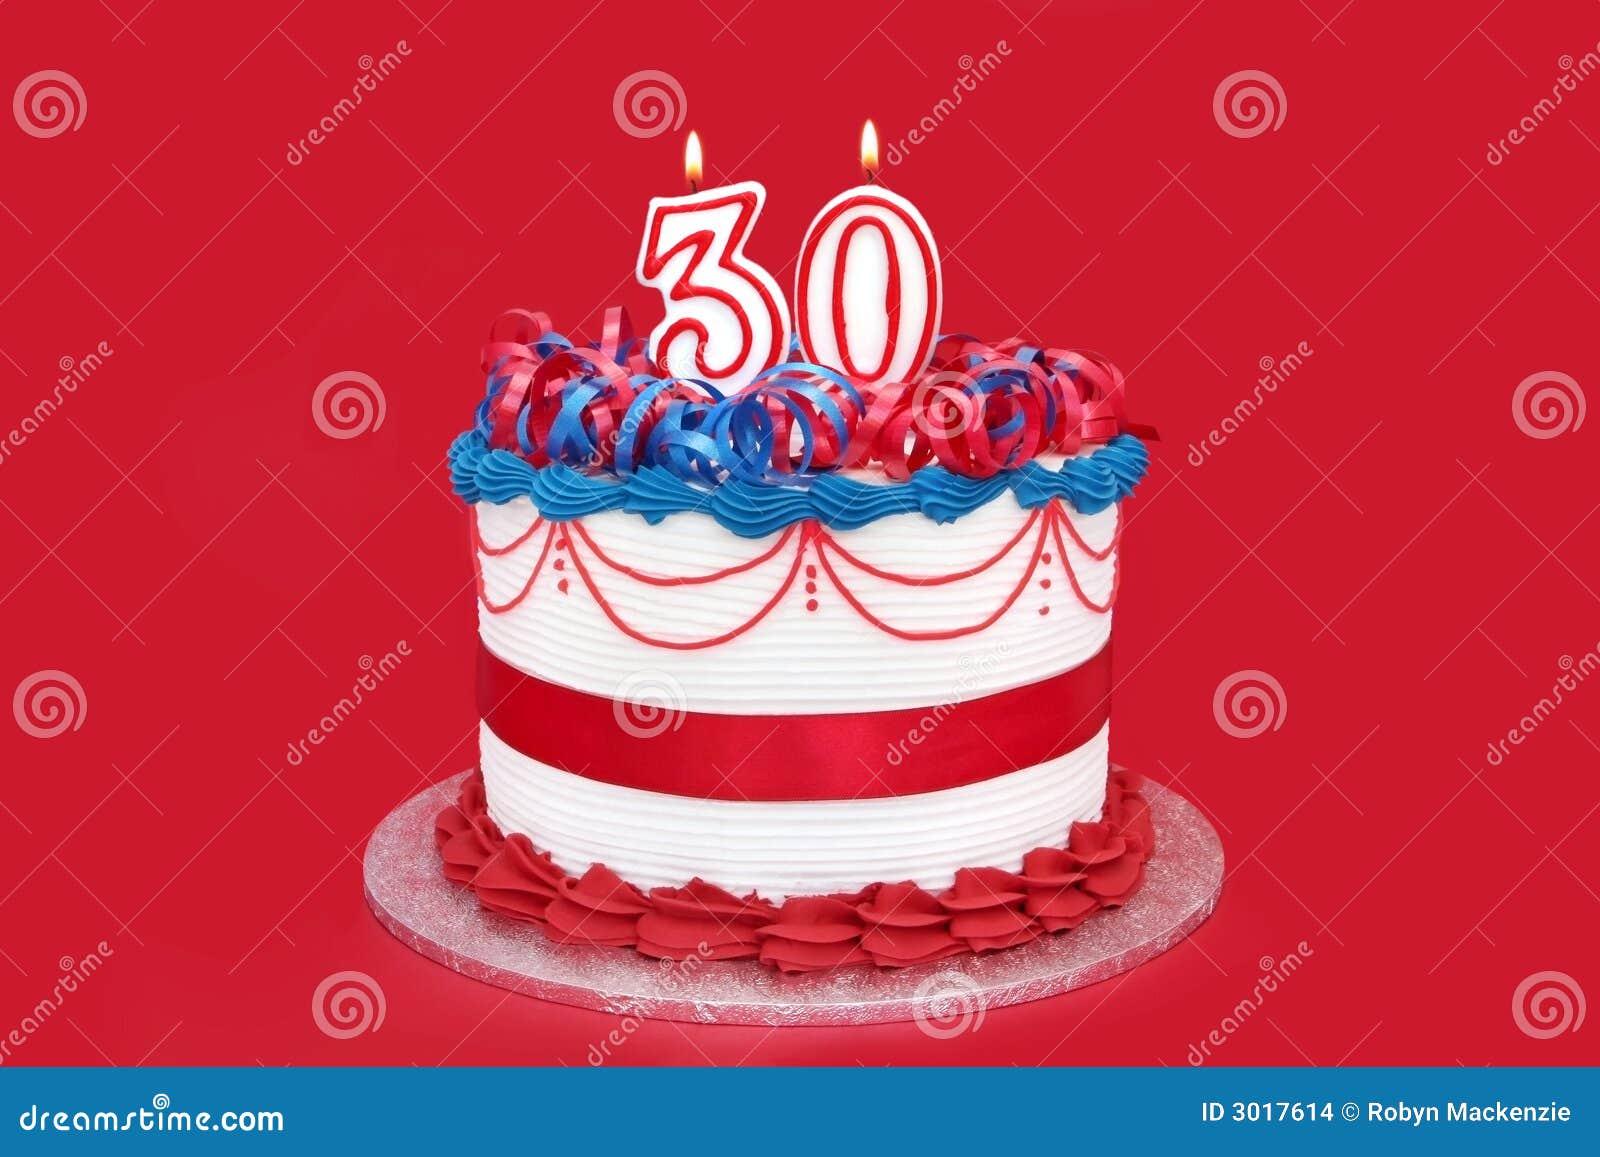 Geburtstagskuchen 30 Geburtstag